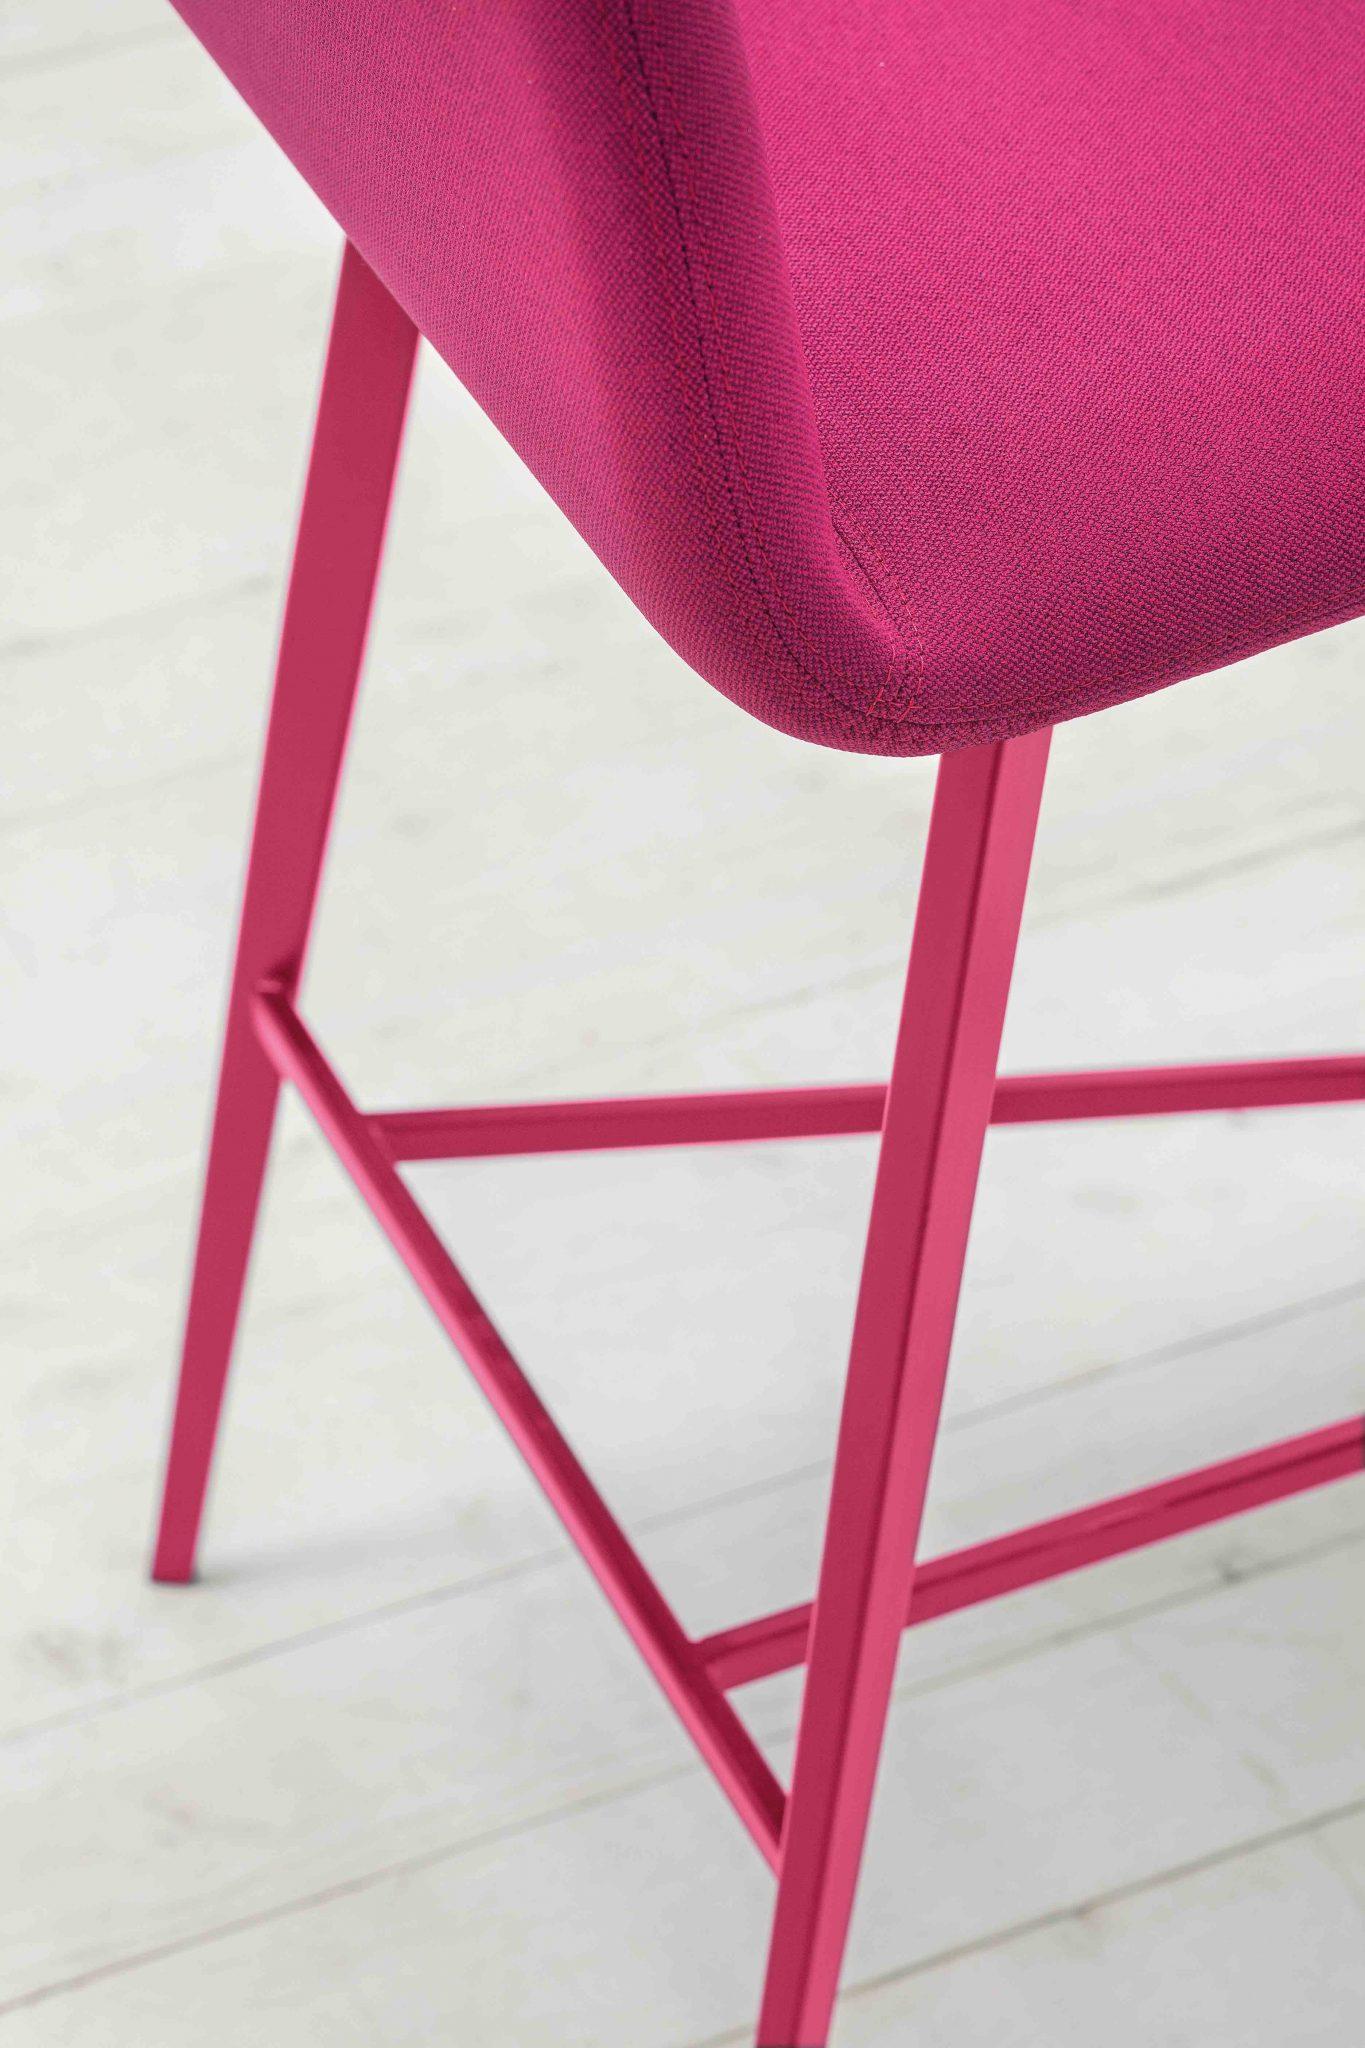 0032-MET-BARDOT-stool-base-metal-and-shell-padded -, - stool-Bardot-metal-base-painted-and-shell-padded